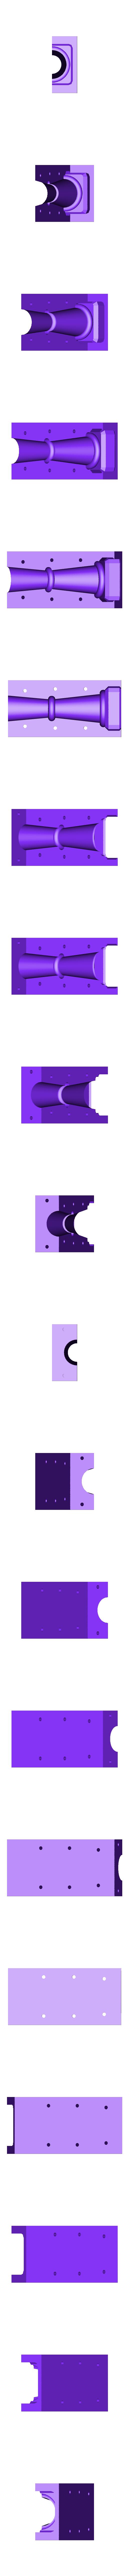 balusterUpper.stl Descargar archivo STL Balauster Molde  • Diseño para impresión en 3D, miguelonmex